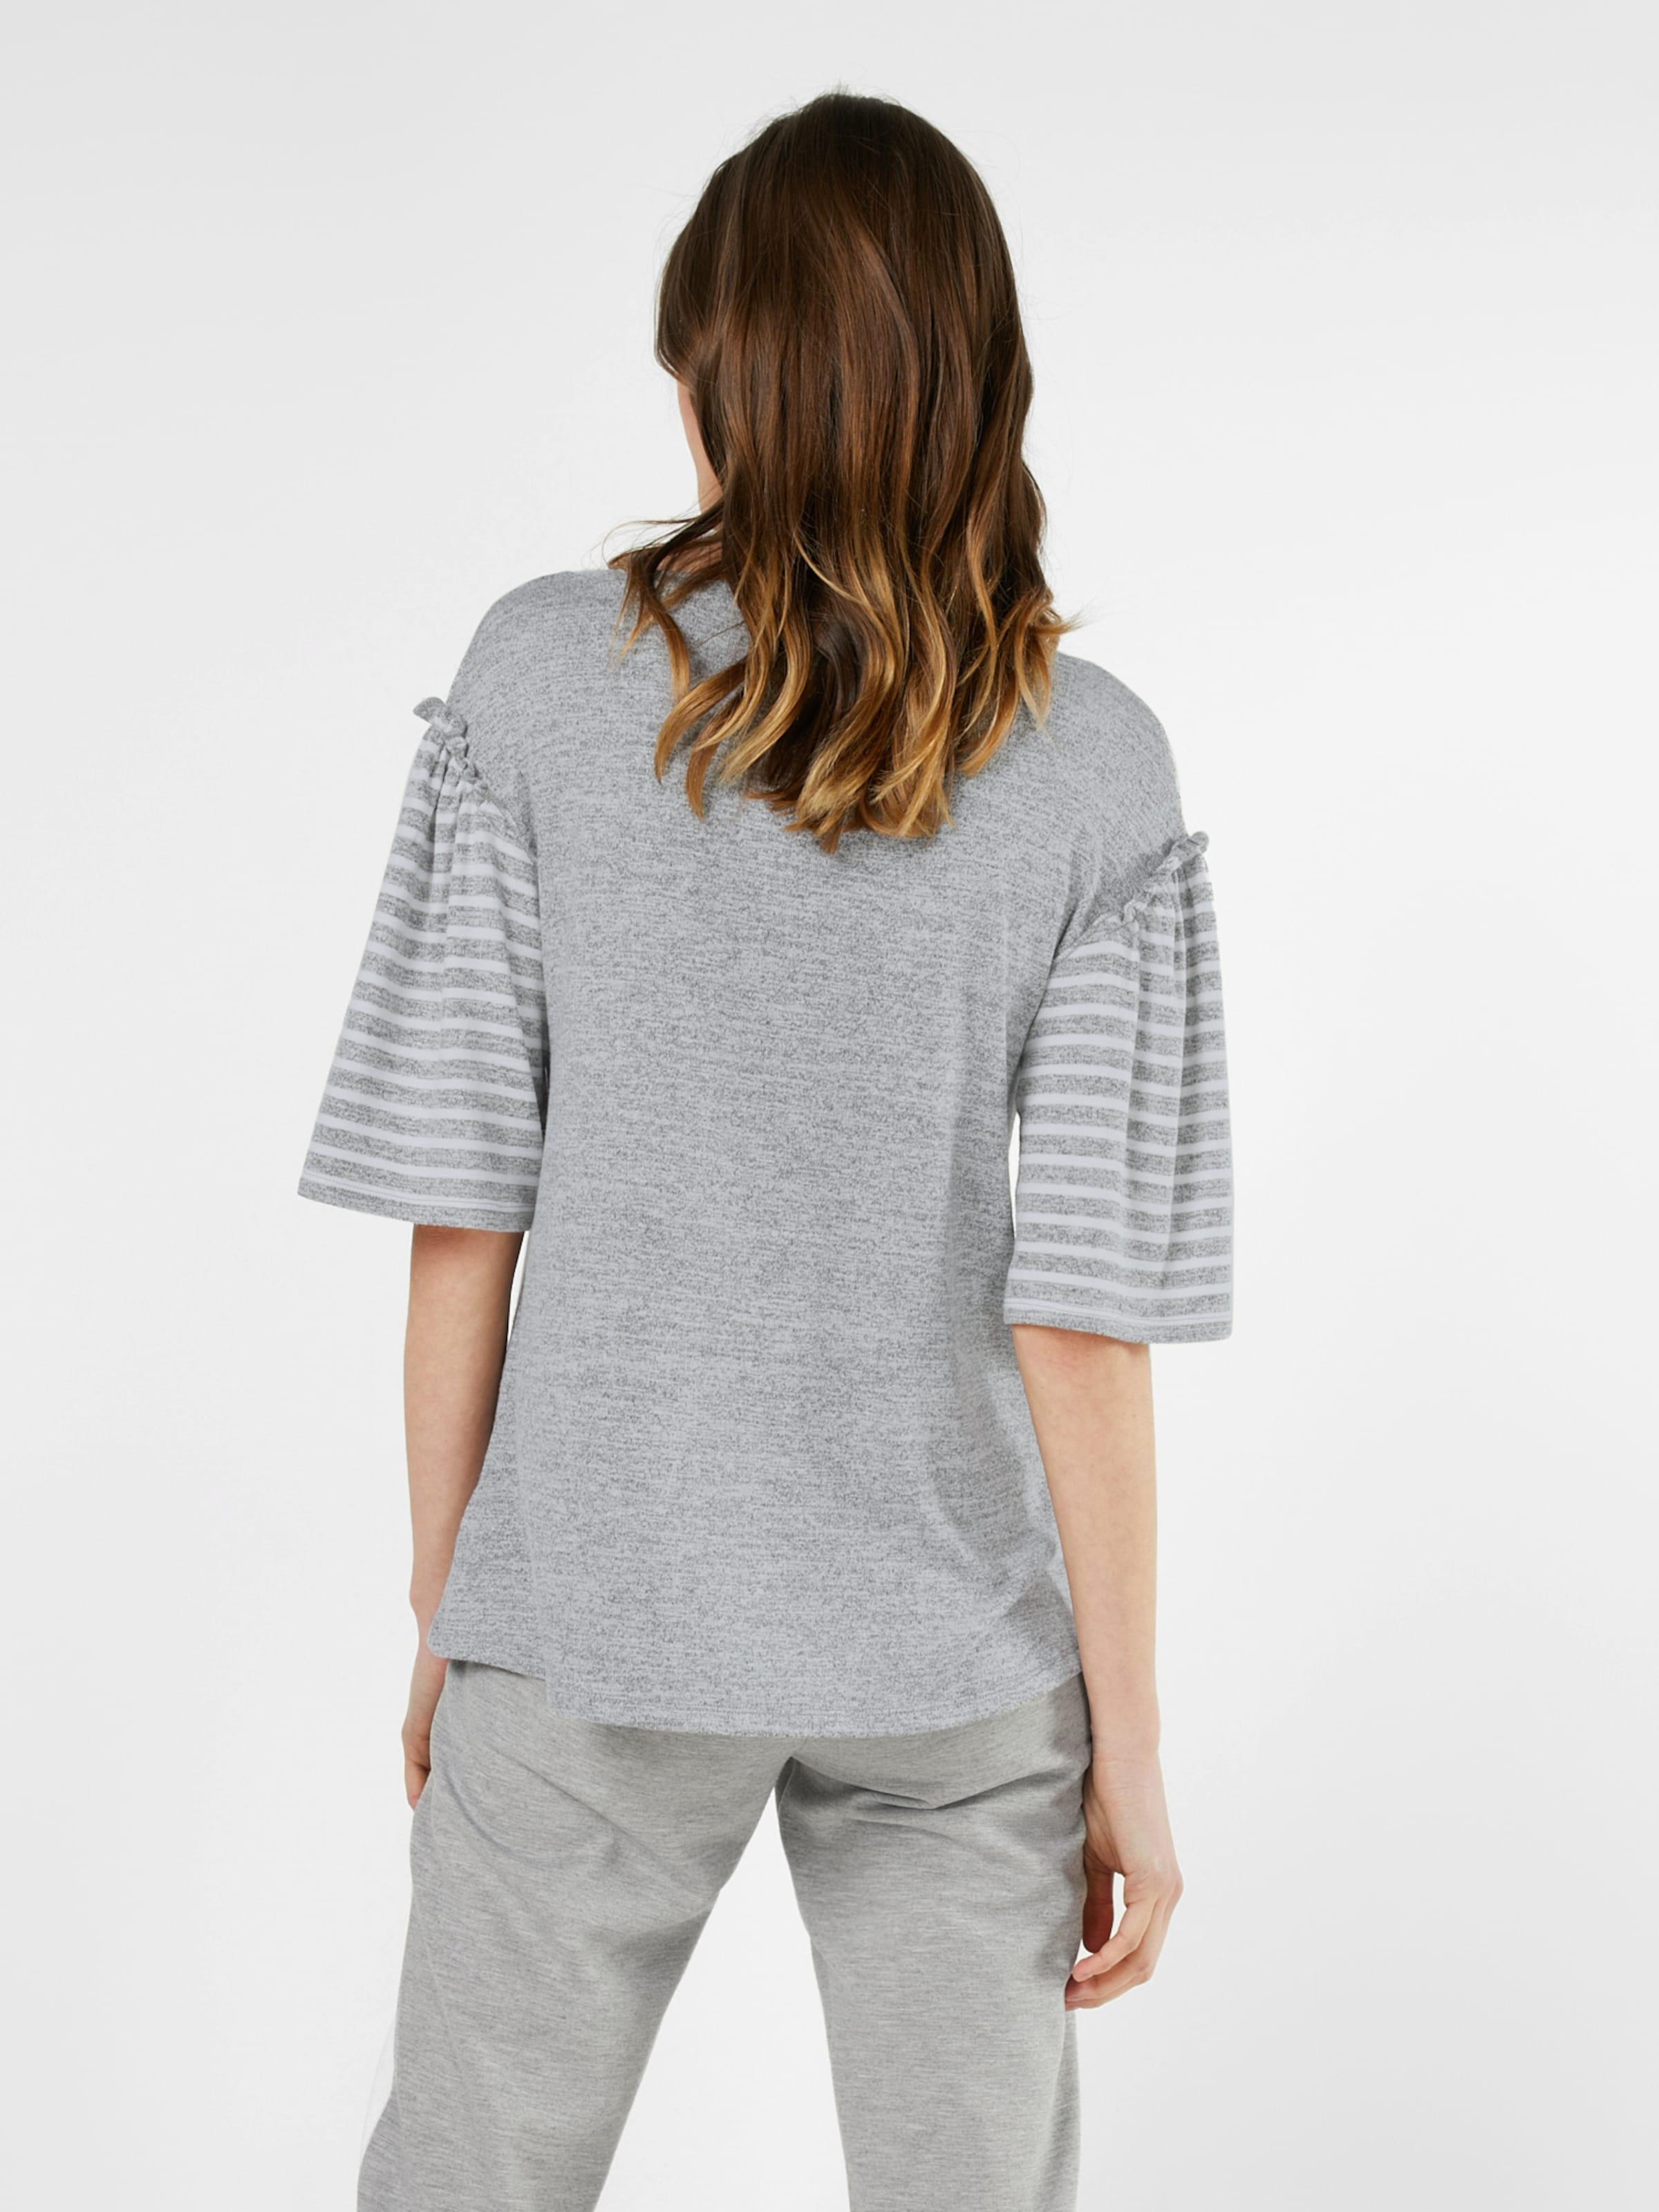 Gap Shirt Graumeliert Graumeliert In Shirt Gap In In Gap Shirt Graumeliert Shirt Gap In EHYWDe29I